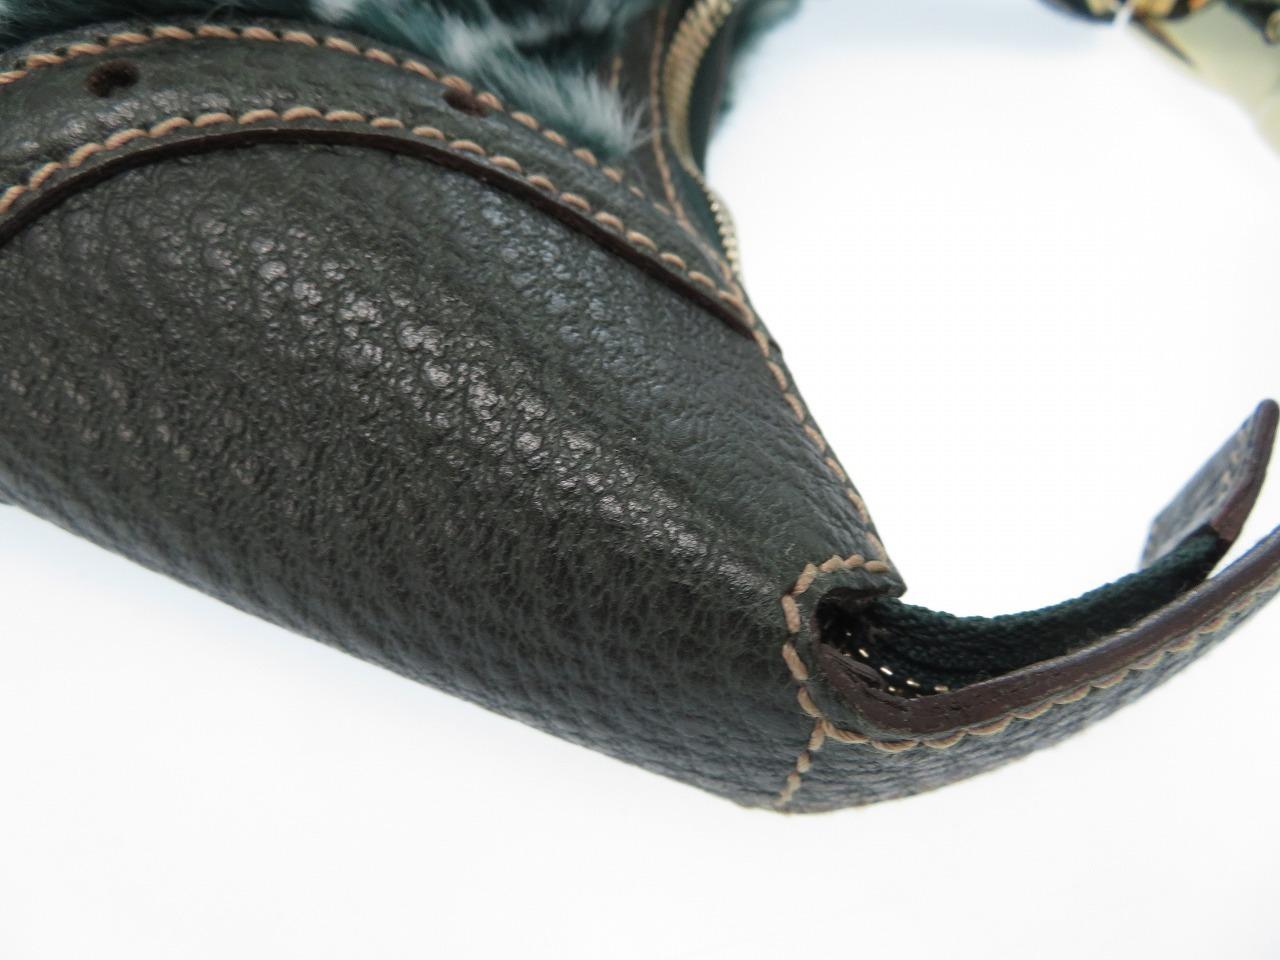 e5d97715624 LIFE TIME Rakuten-ichiba  Beautiful article Gucci hose bit fur ...